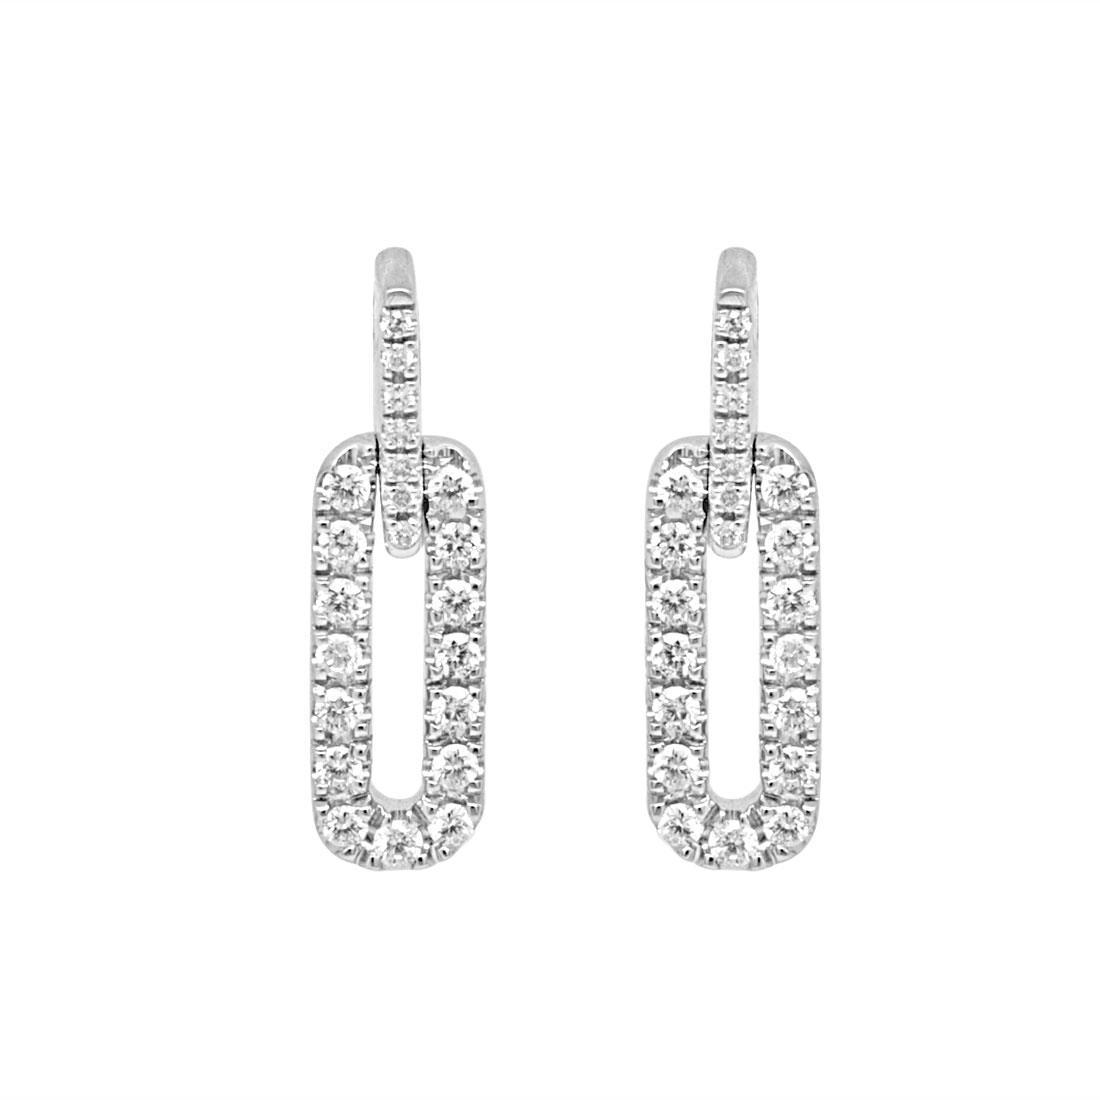 new styles fb955 0a068 Orecchini Damiani in oro bianco con diamanti ct 0,78